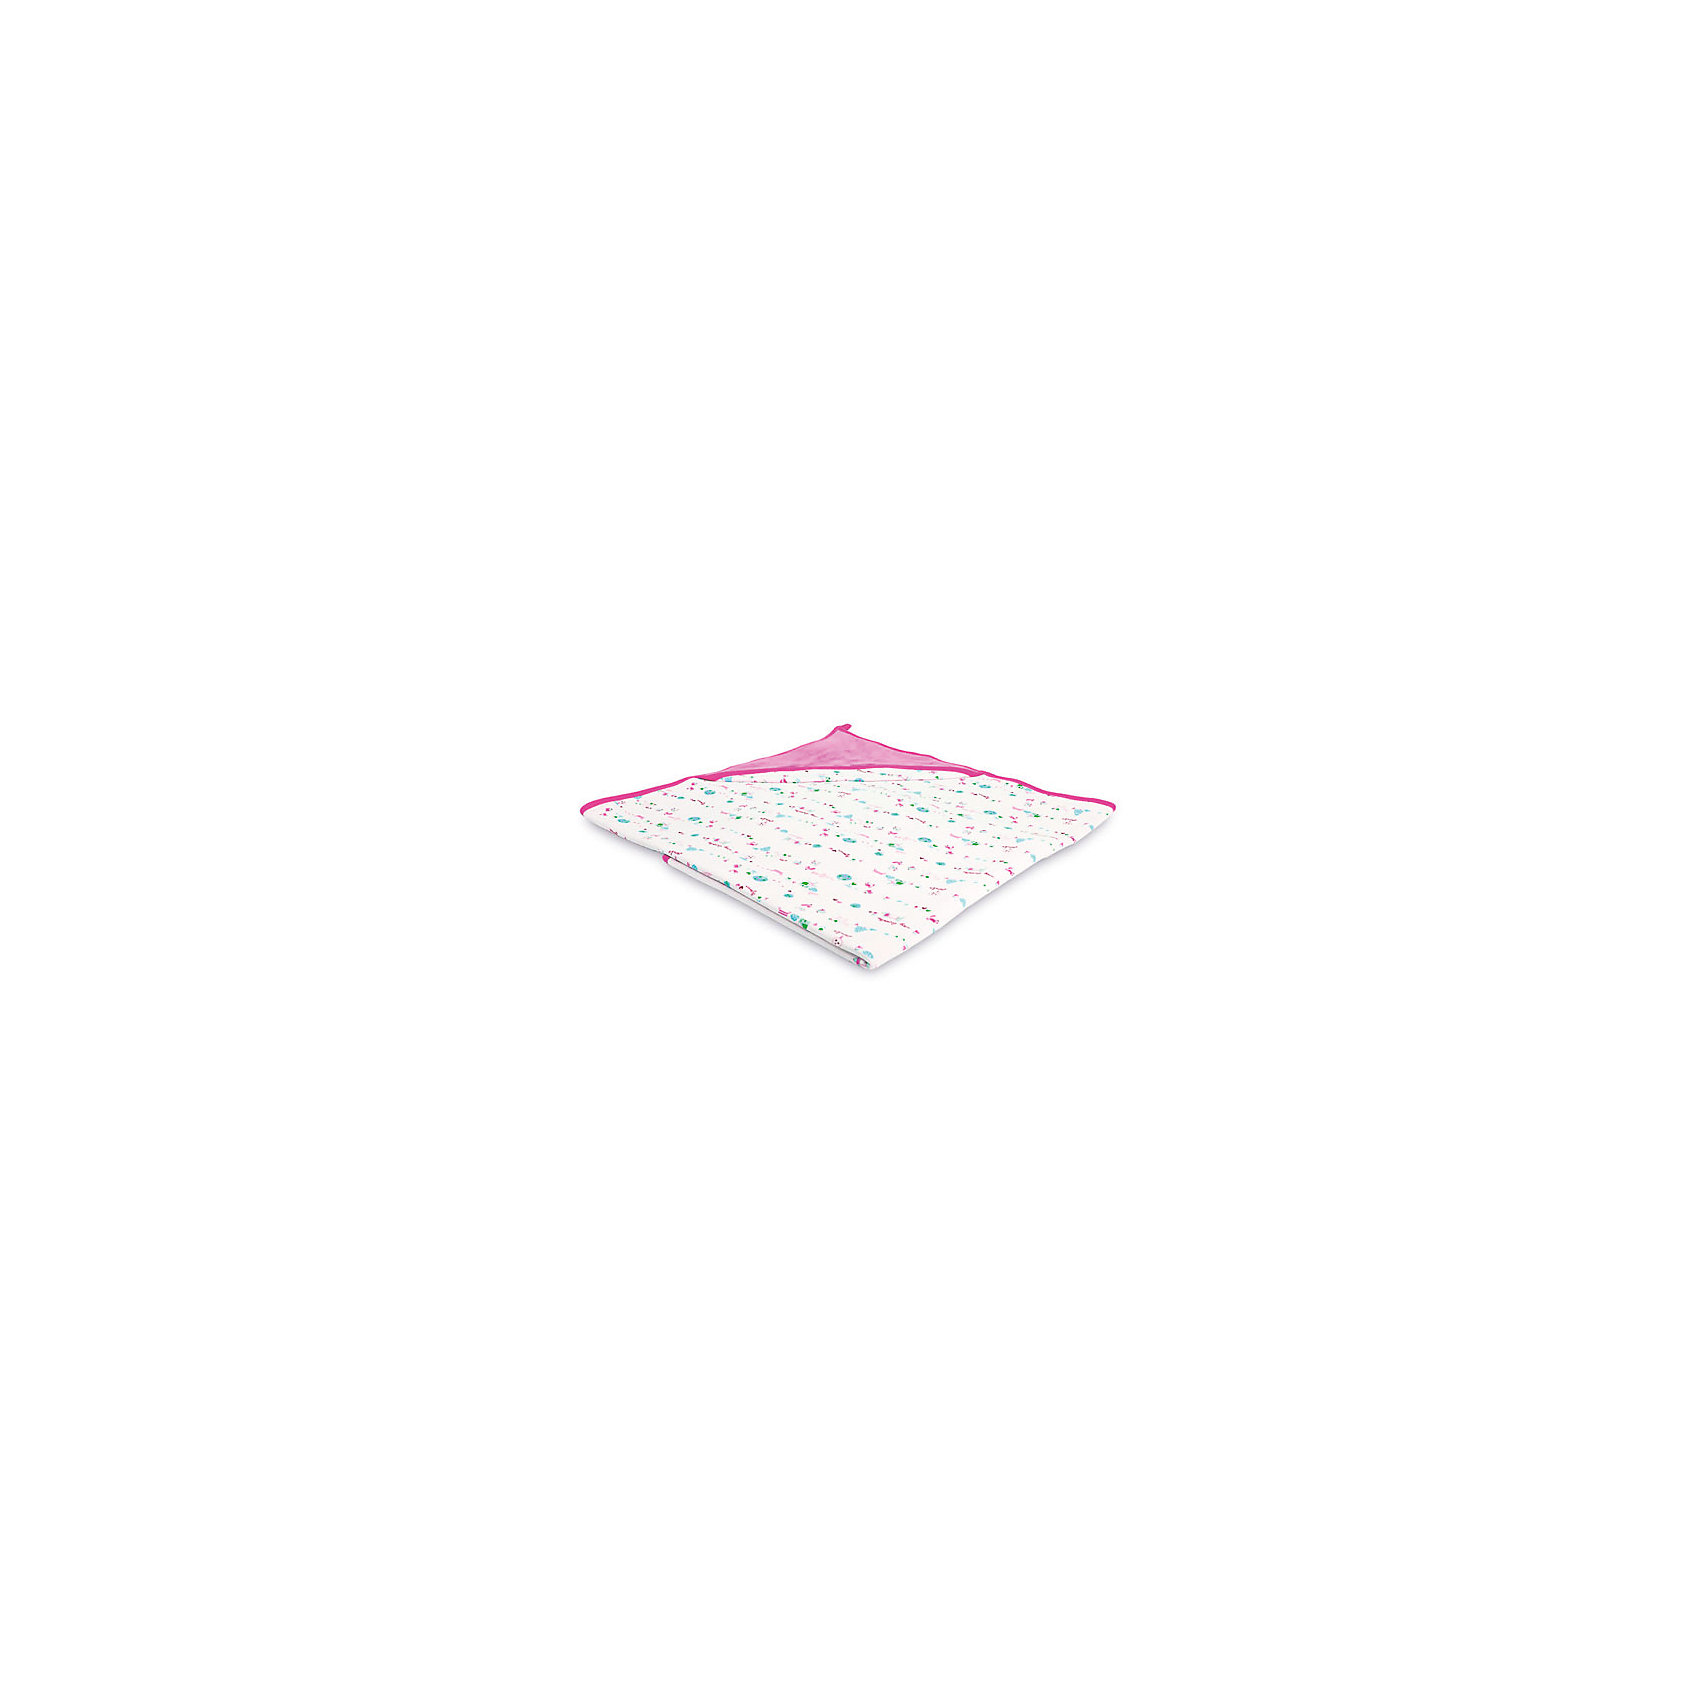 Пелёнка махровая, Сонный гномик, розовый